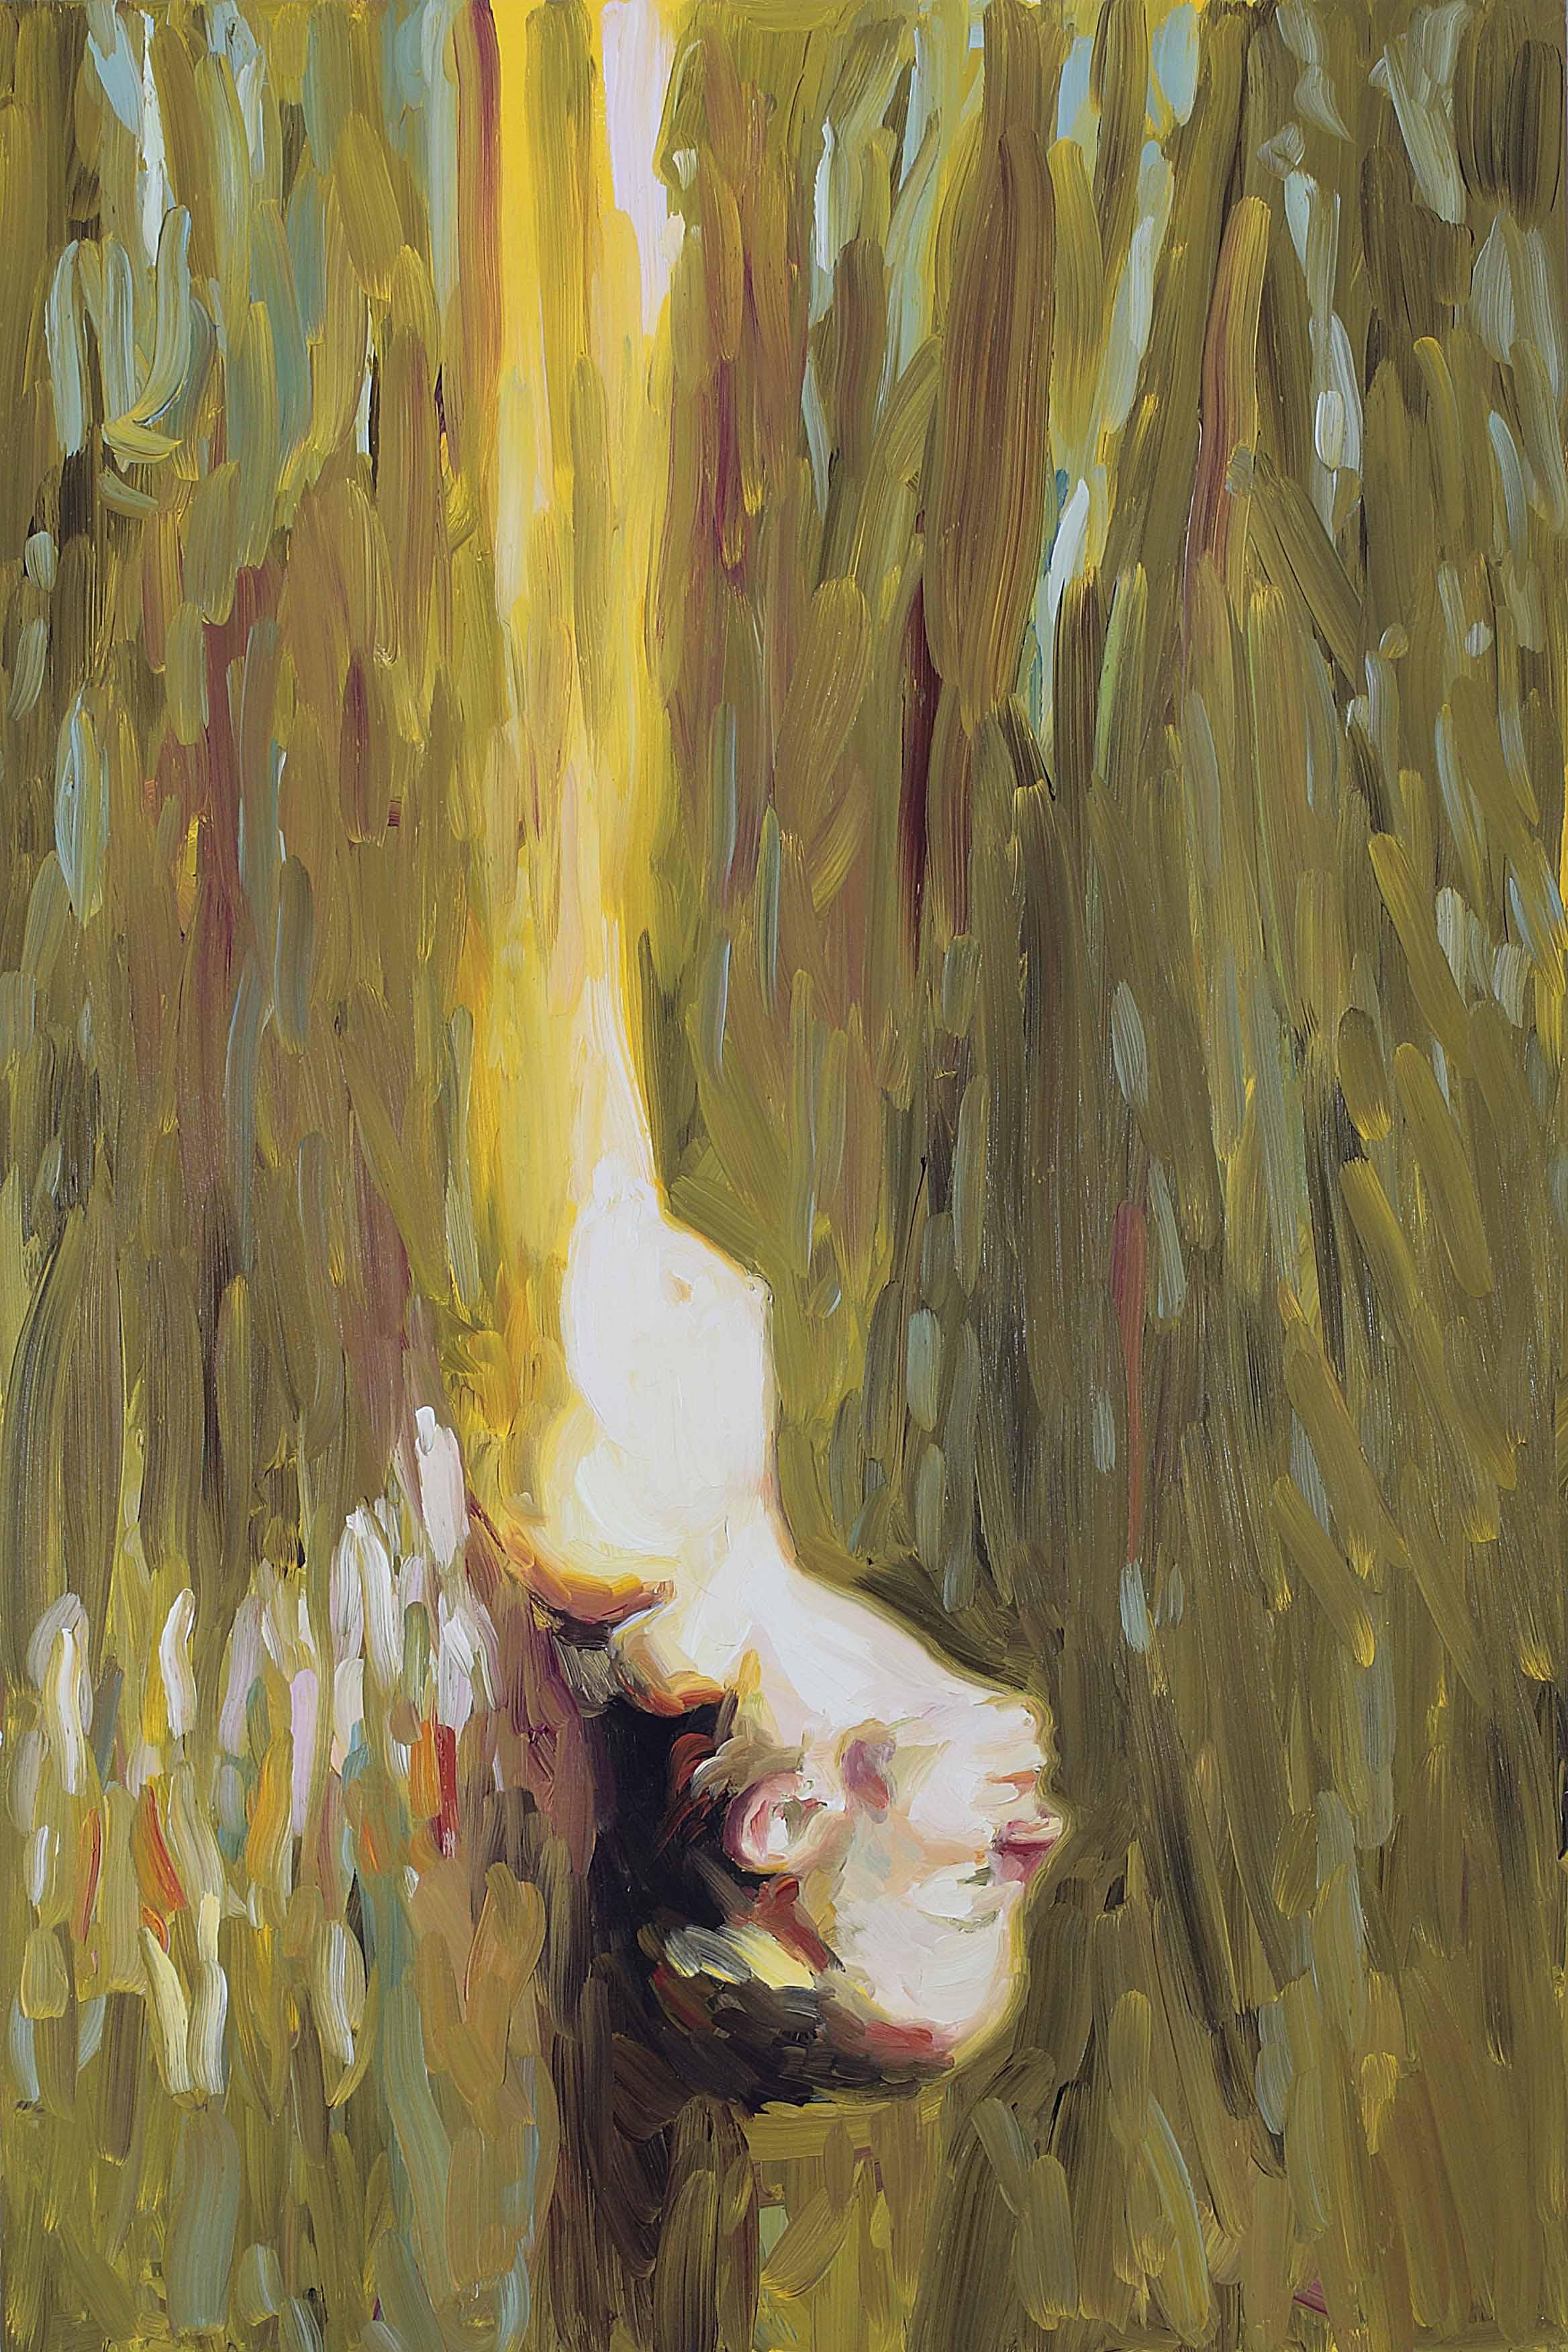 Sitting Duck (Self-Portrait), oil on board, 60 x 40 cm, 2008.